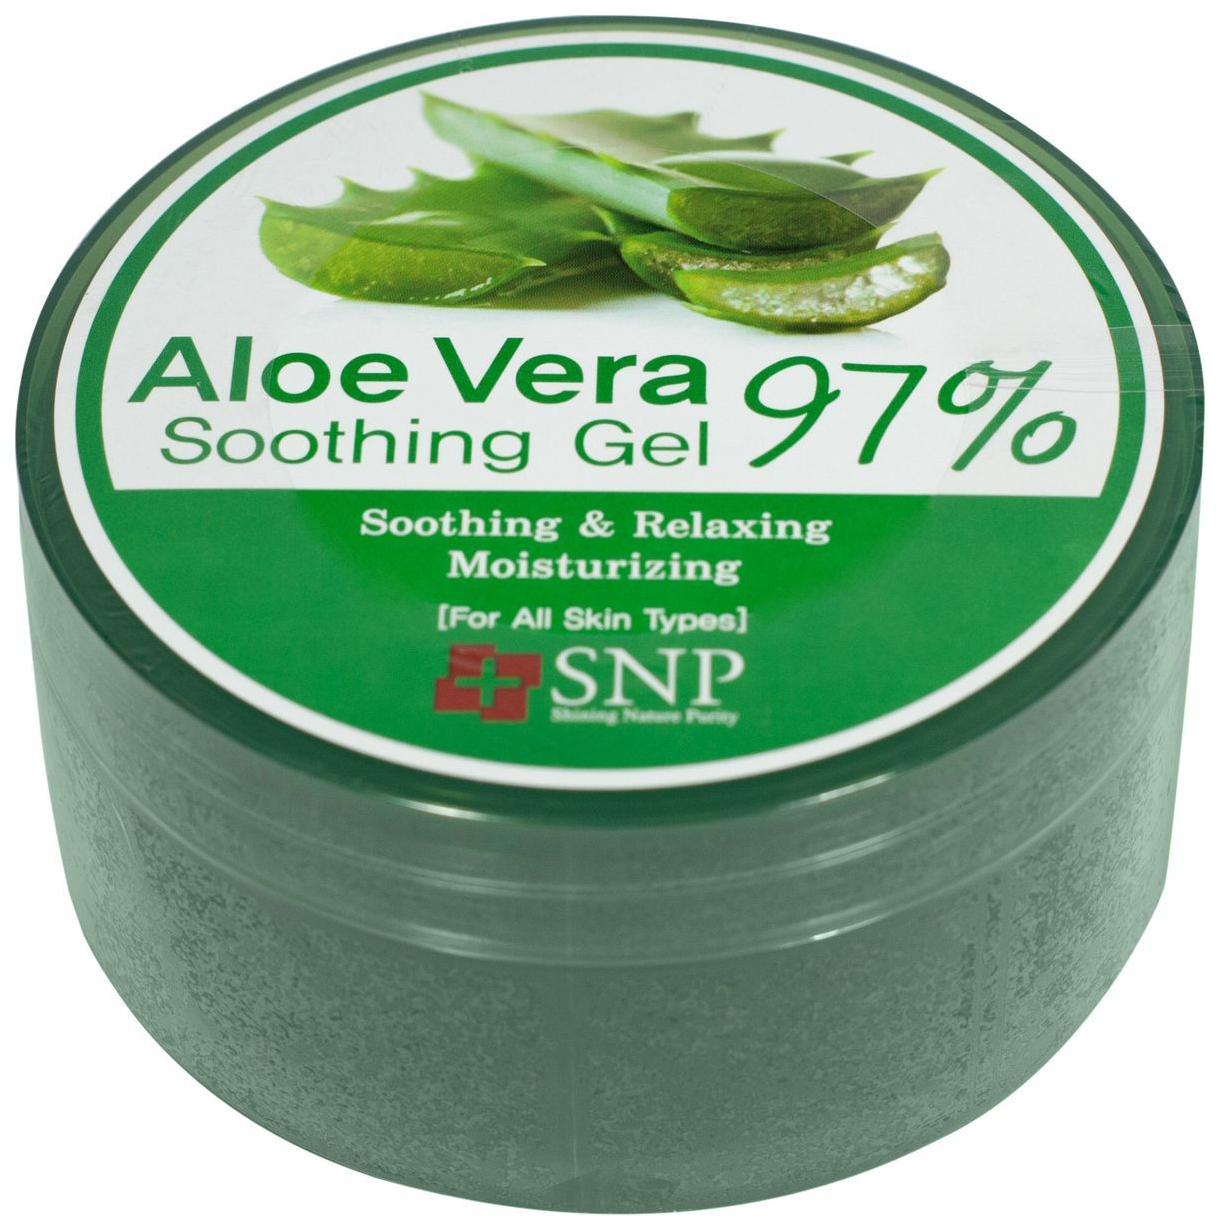 Гель для лица SNP Aloe Vera 97% Soothing Gel 300 г